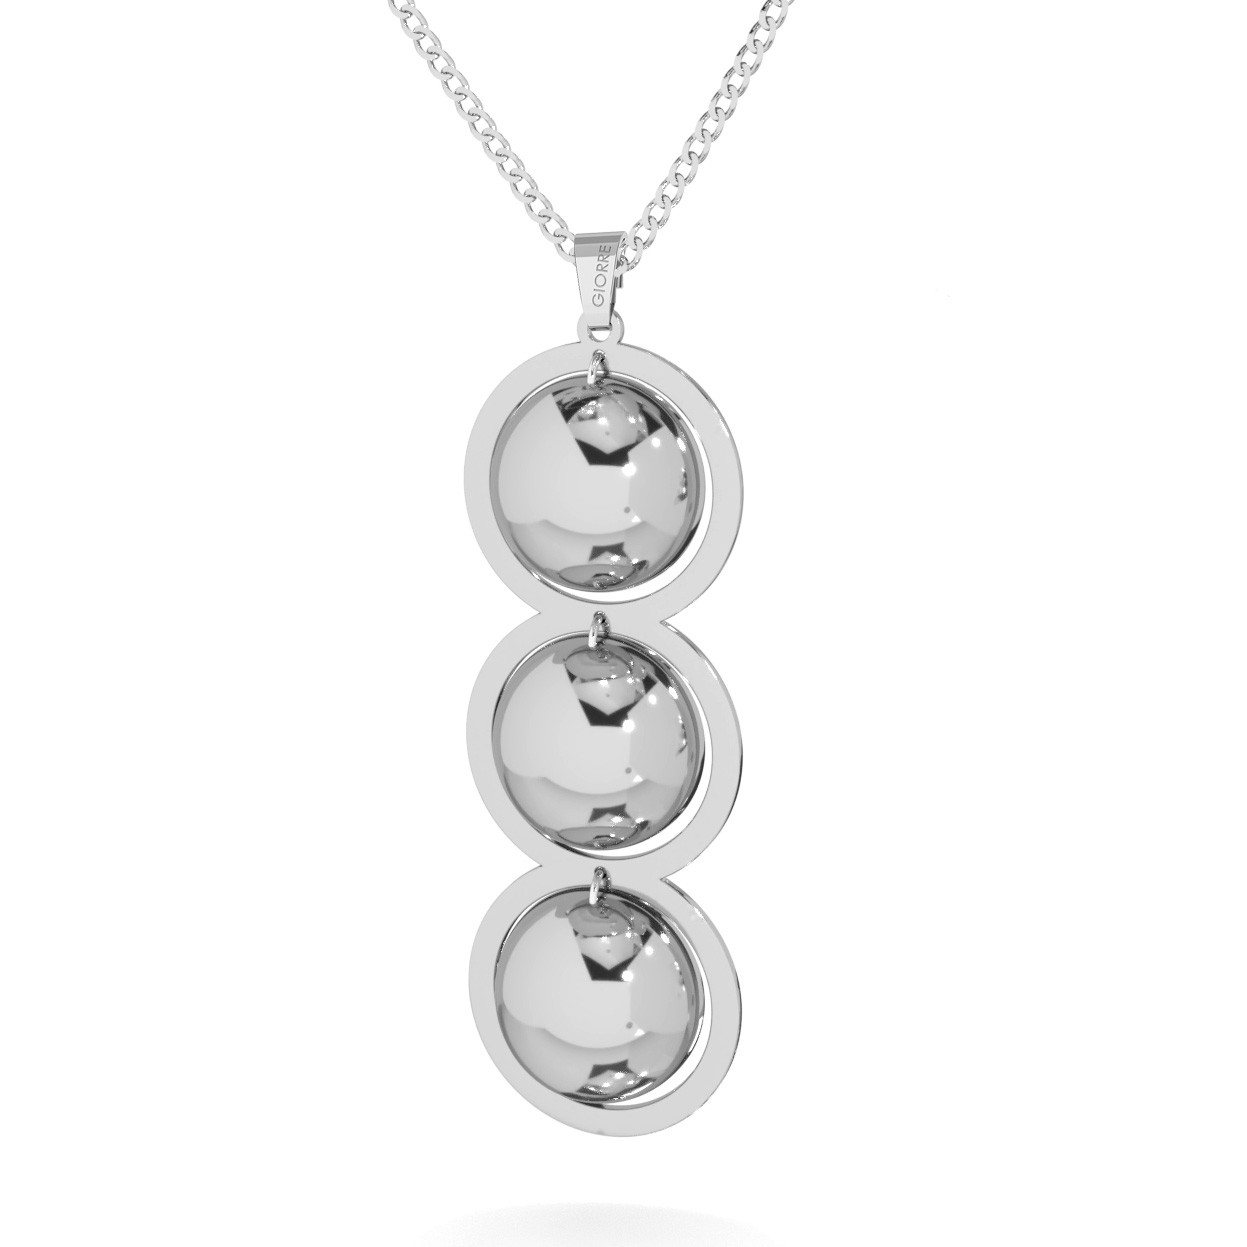 Srebrny naszyjnik potrójne wypukłe blaszki srebro 925